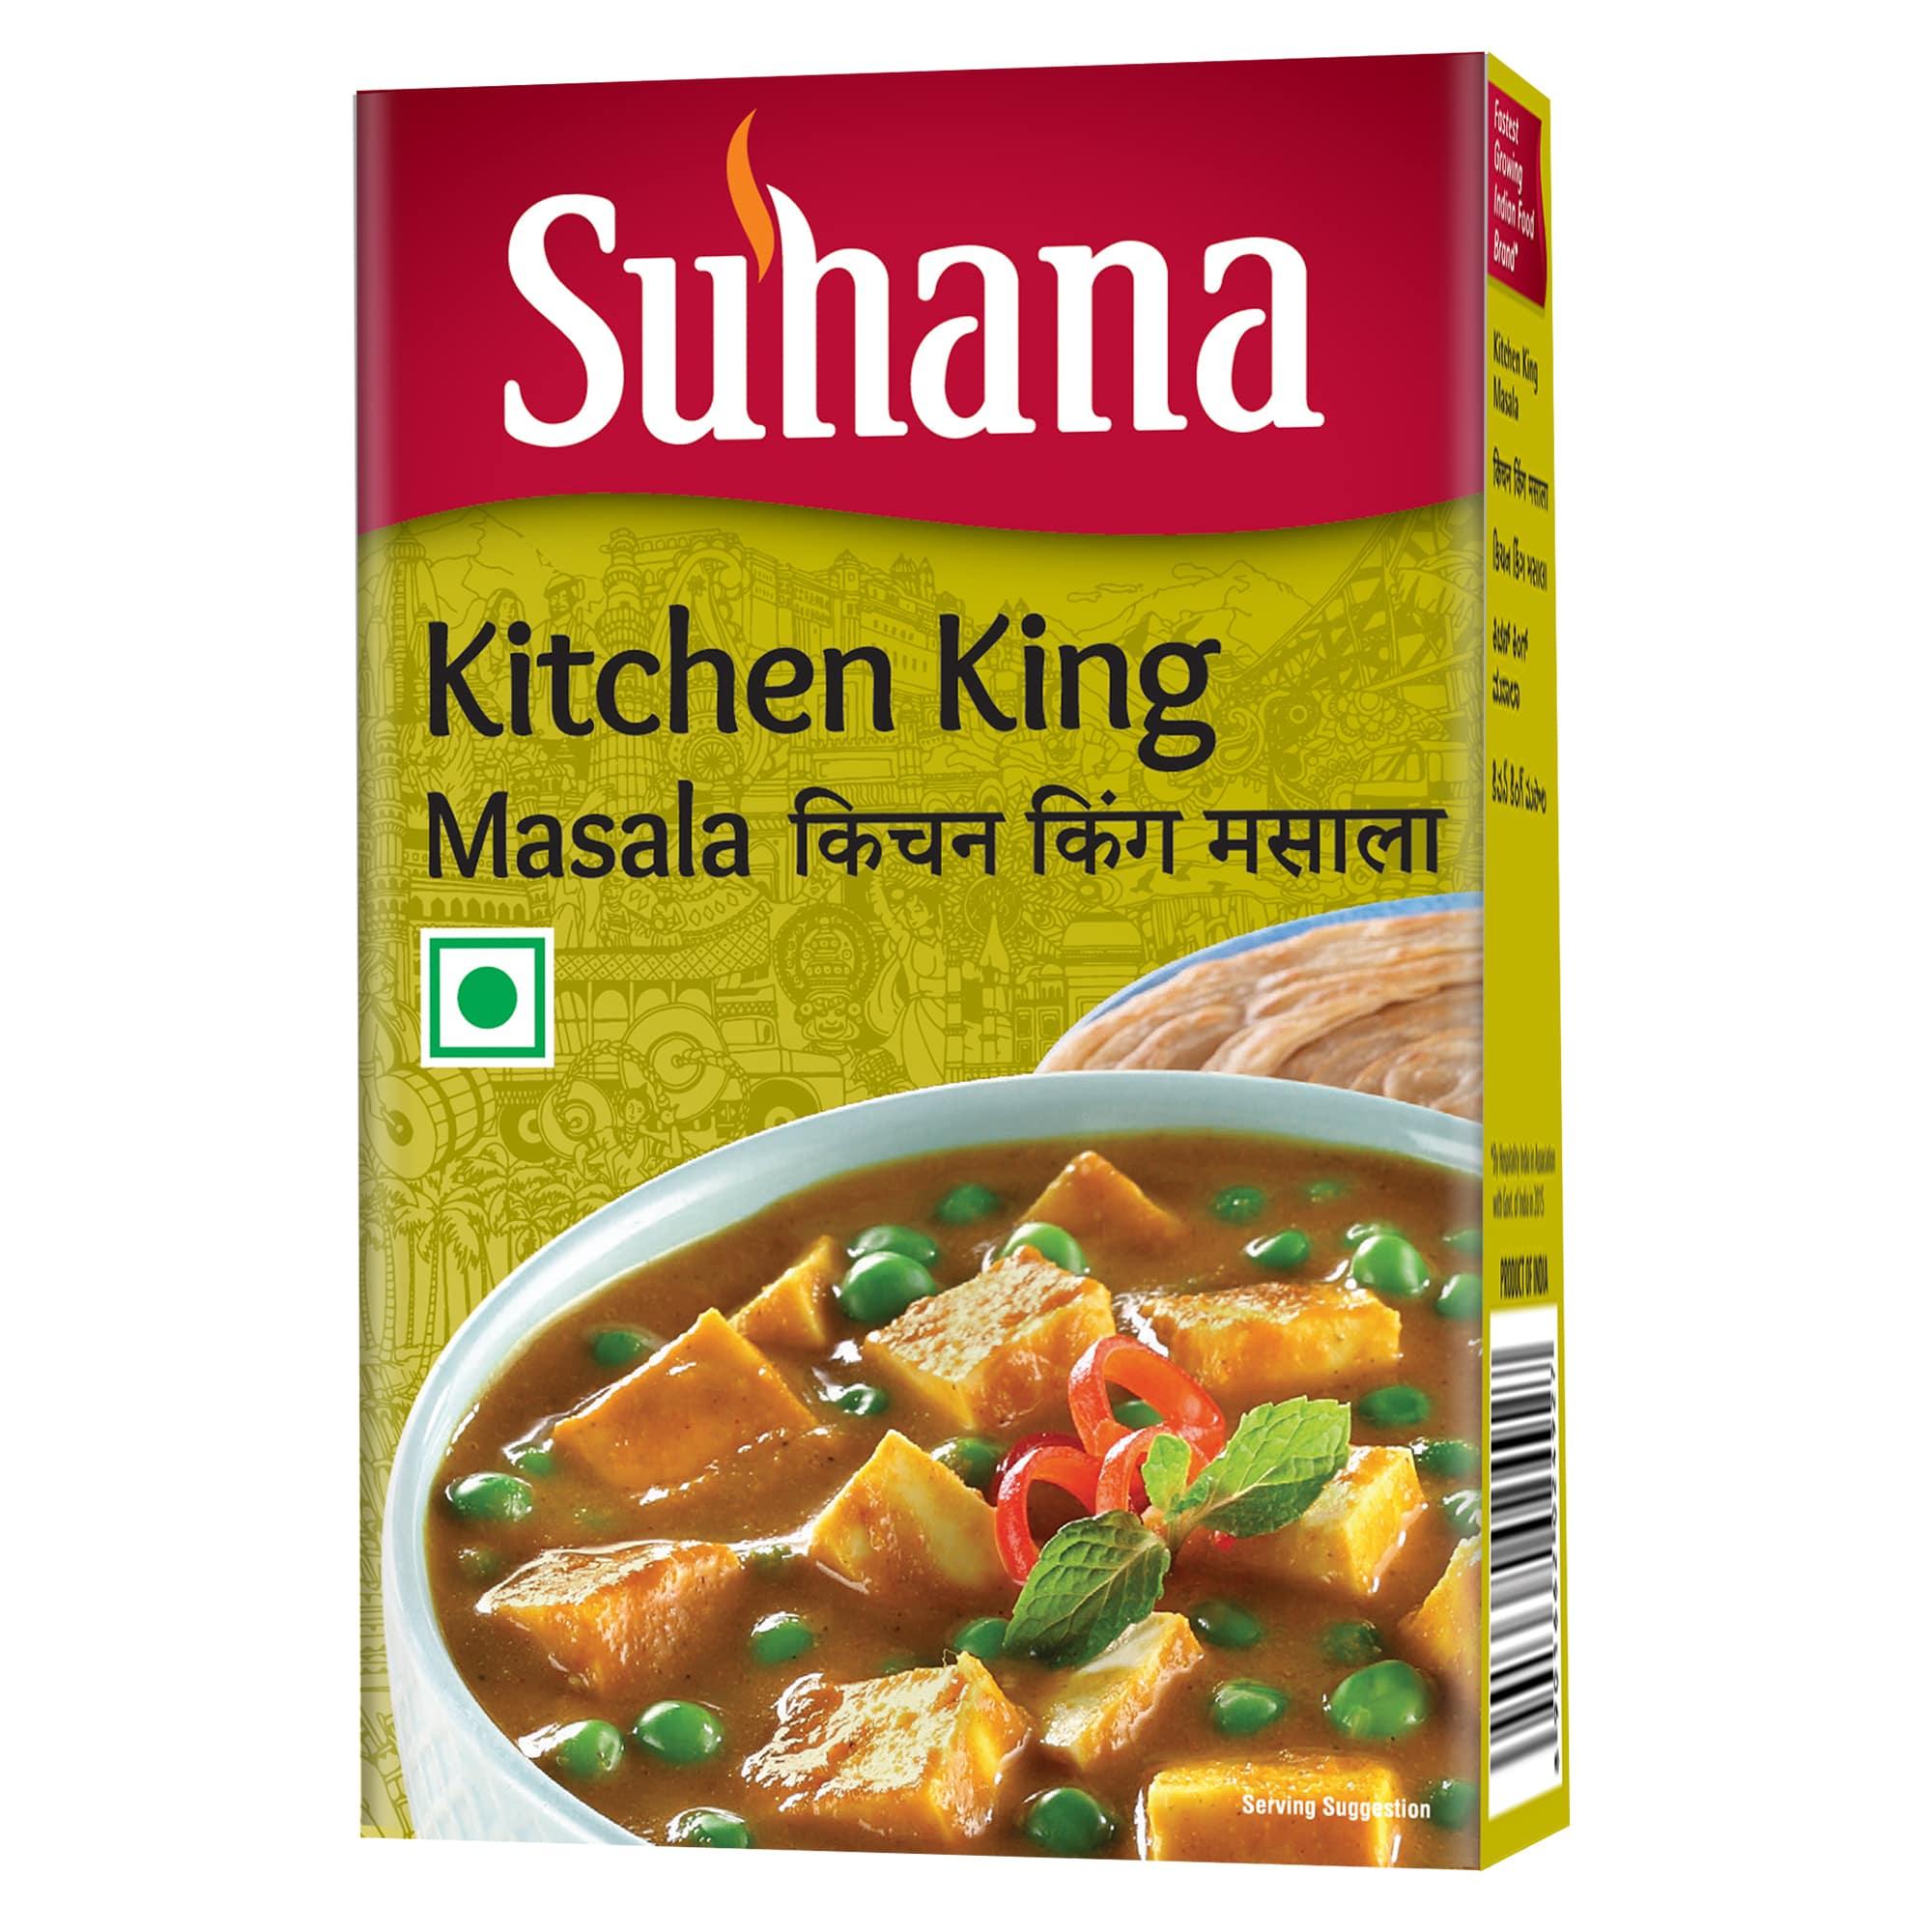 Suhana Kitchen King Masala Box